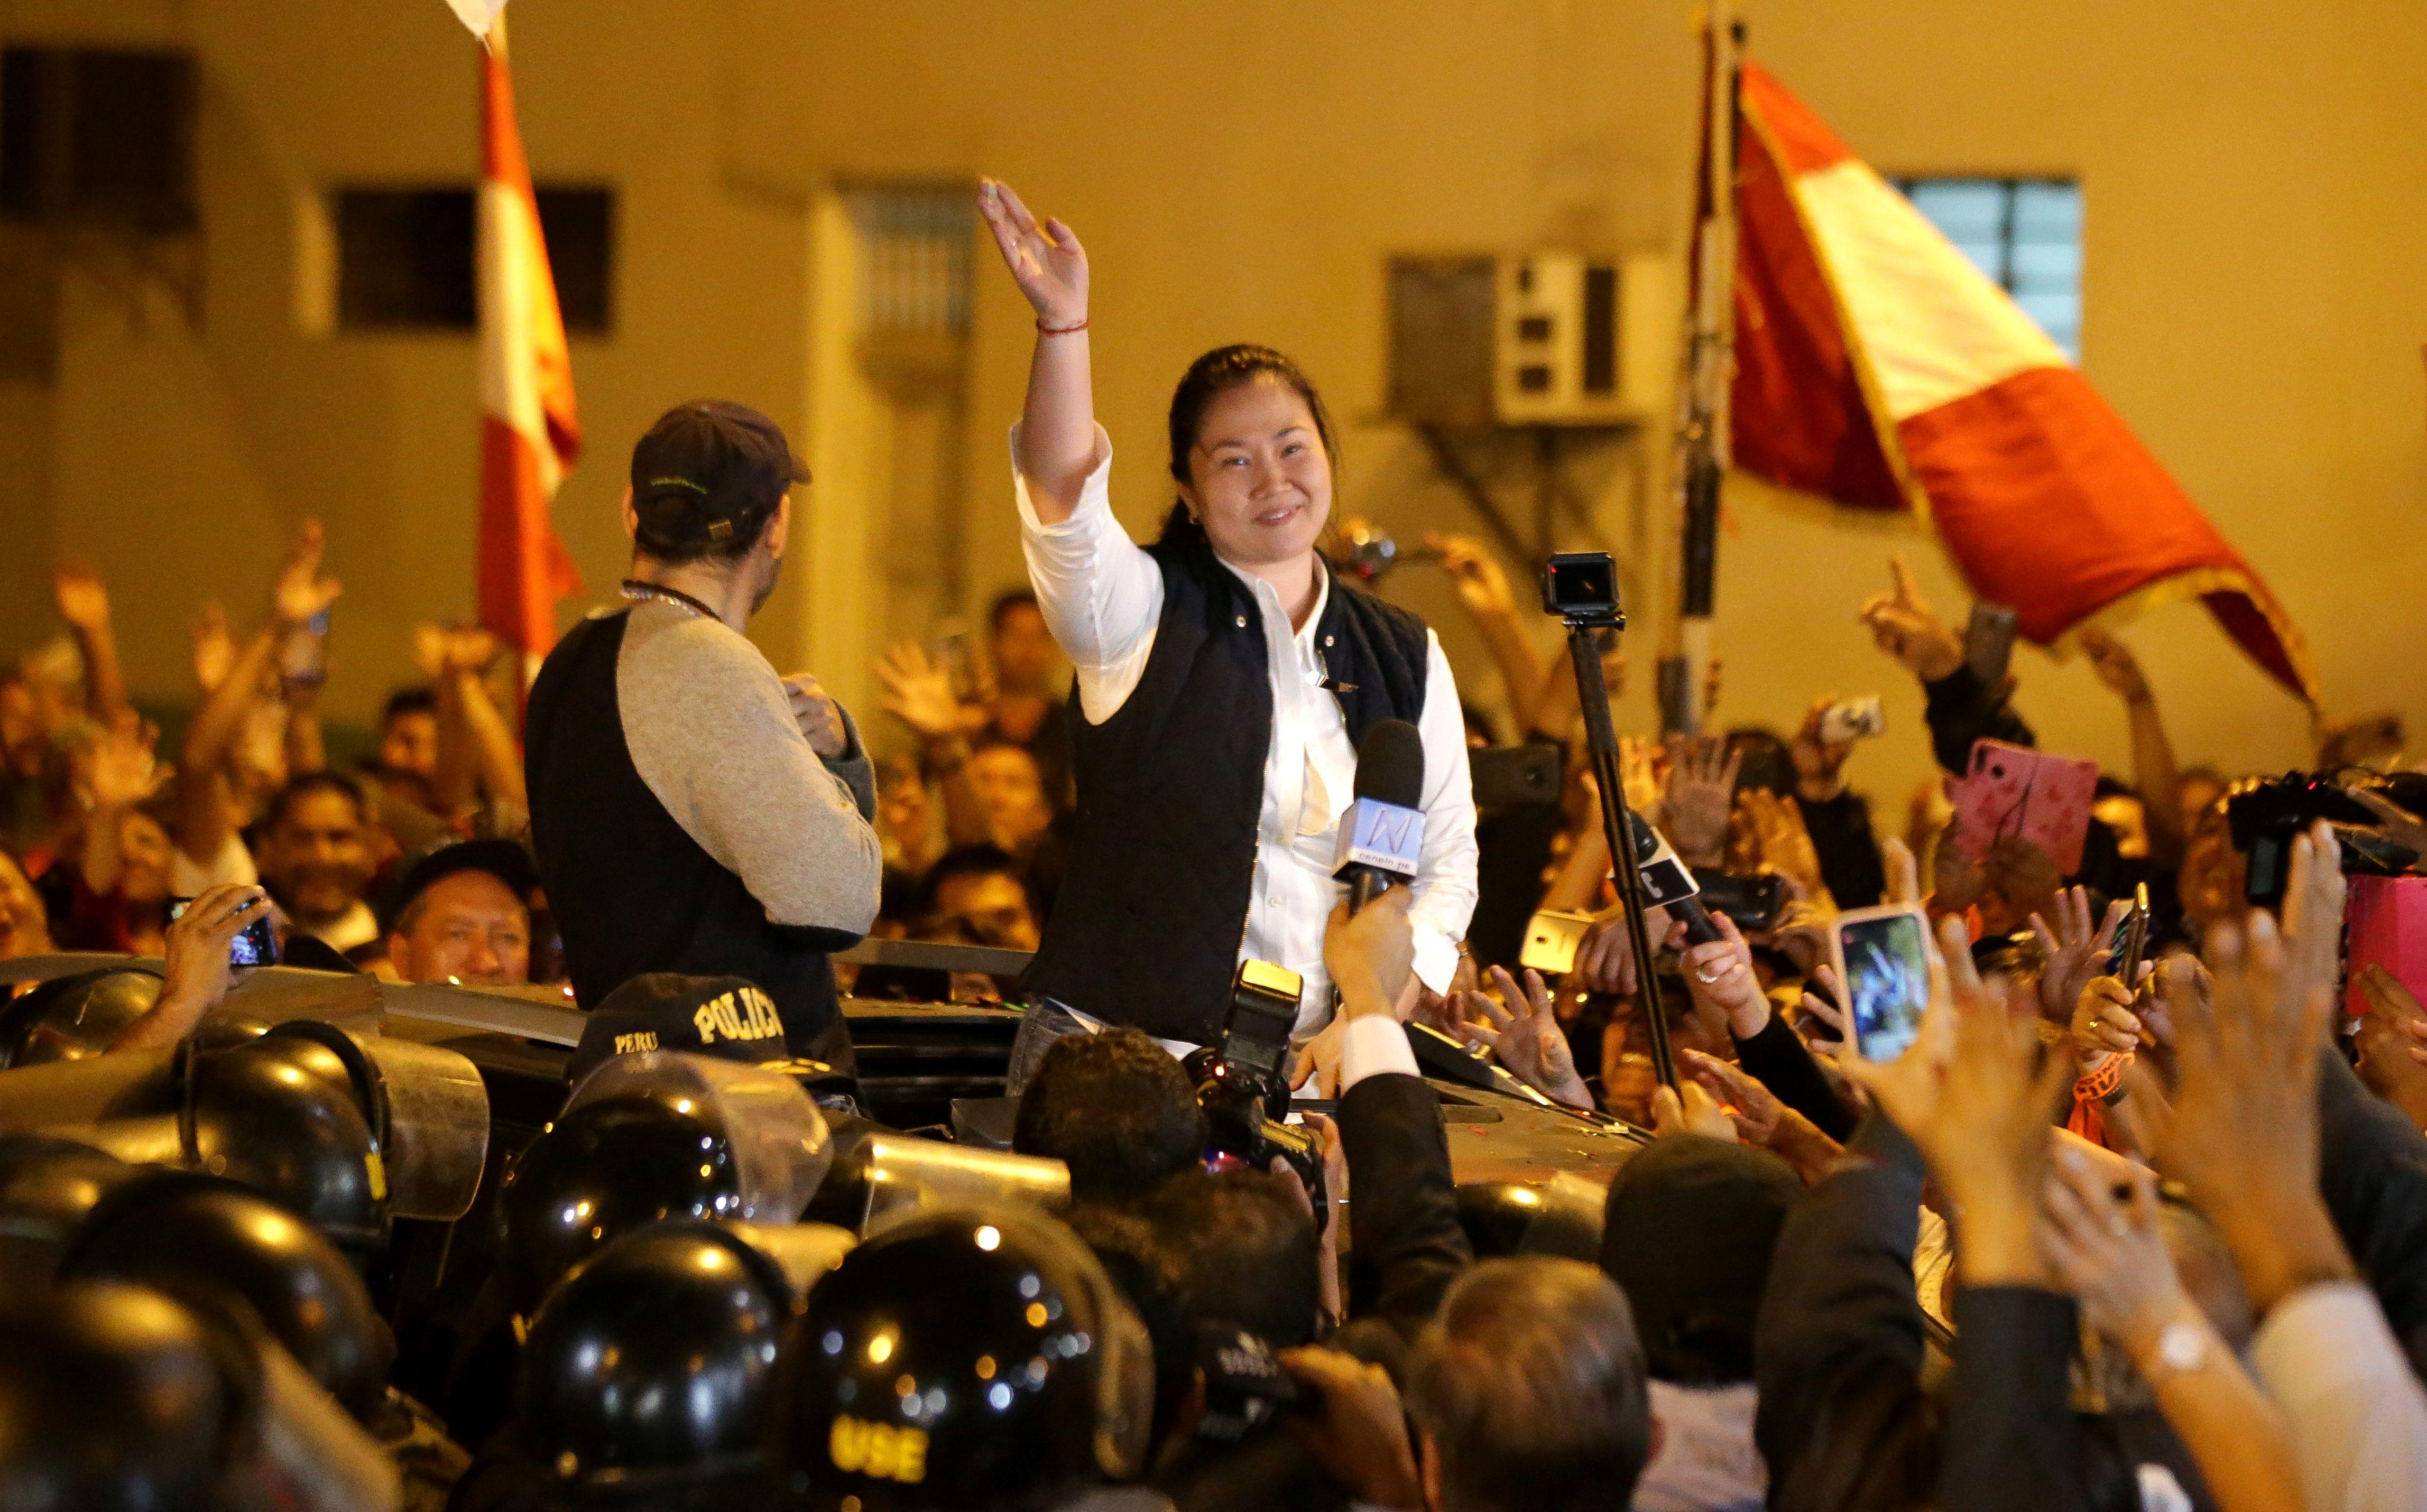 La liberación de Keiko Fujimori fue criticada por miembros del Poder Judicial (Reuters)